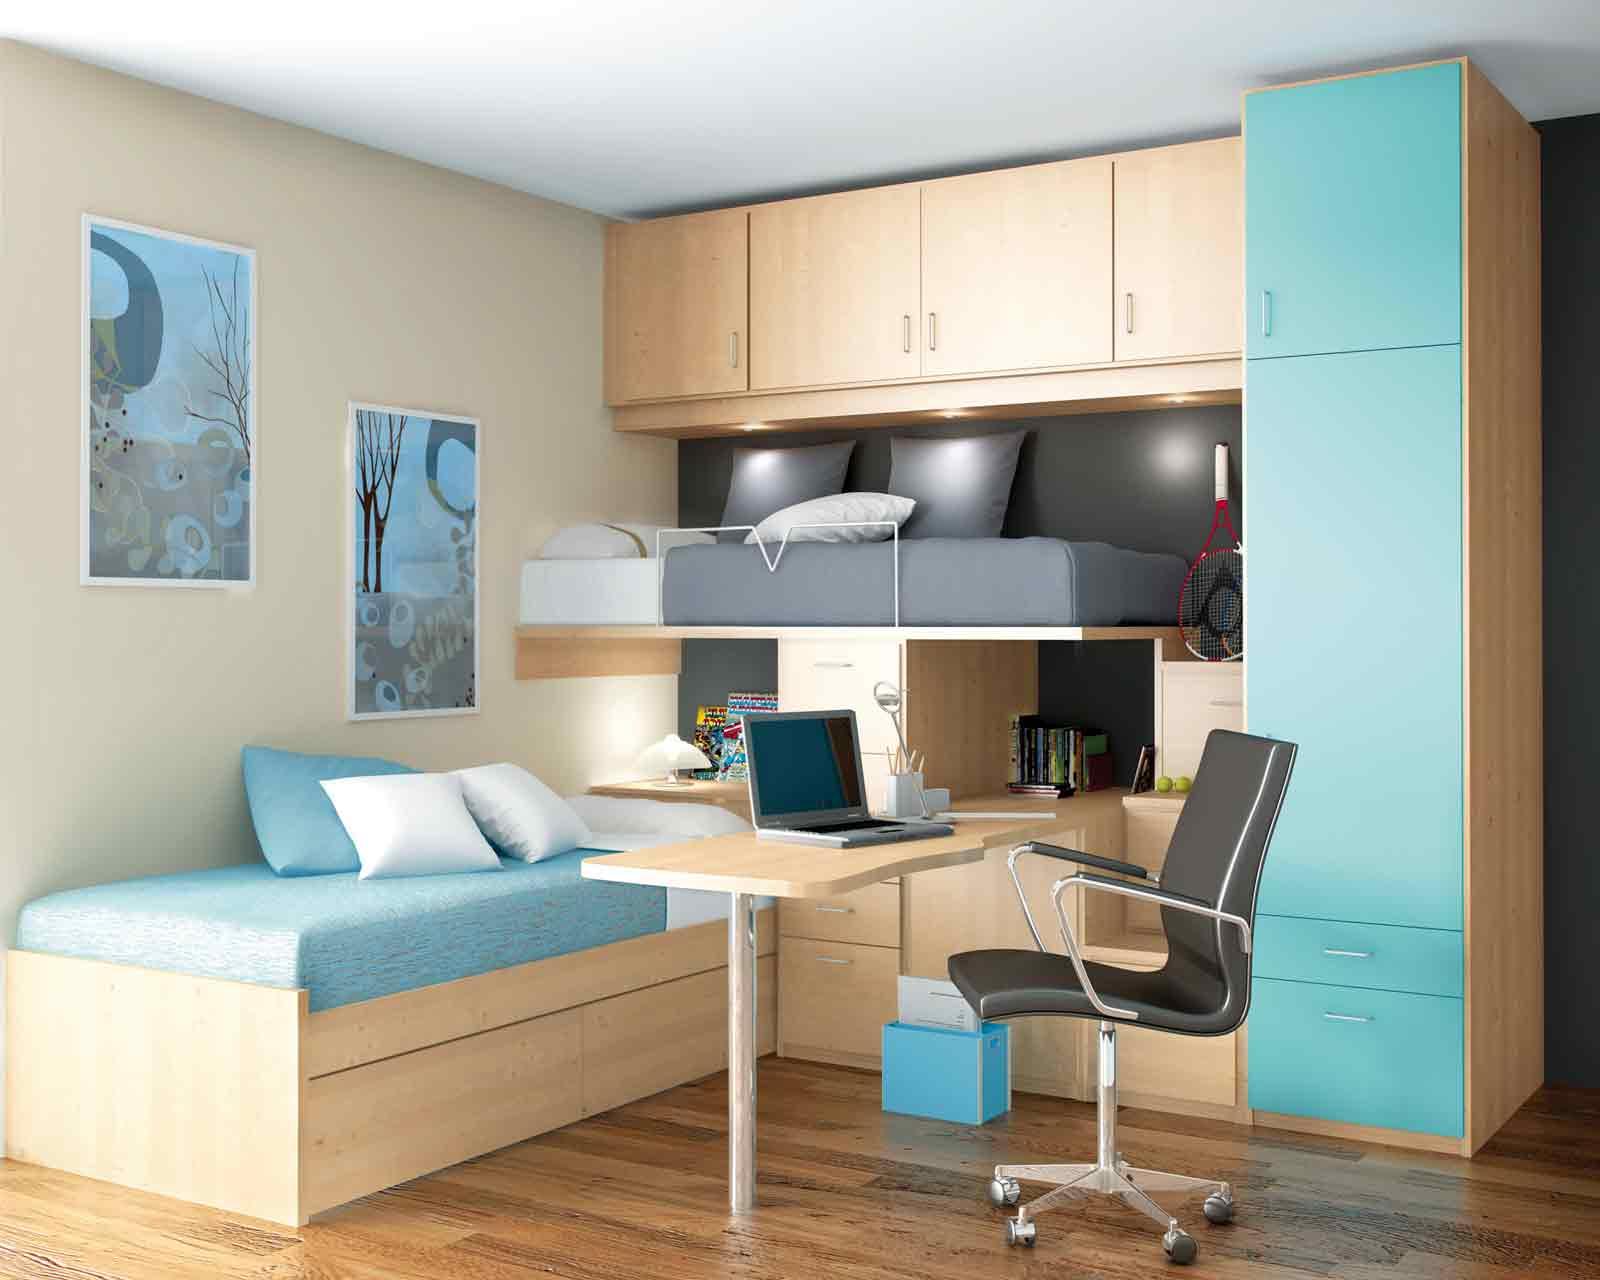 Muebles Habitacion Dddy Habitaciones Y Dormitorios Infantiles Y Juveniles Facil Mobel